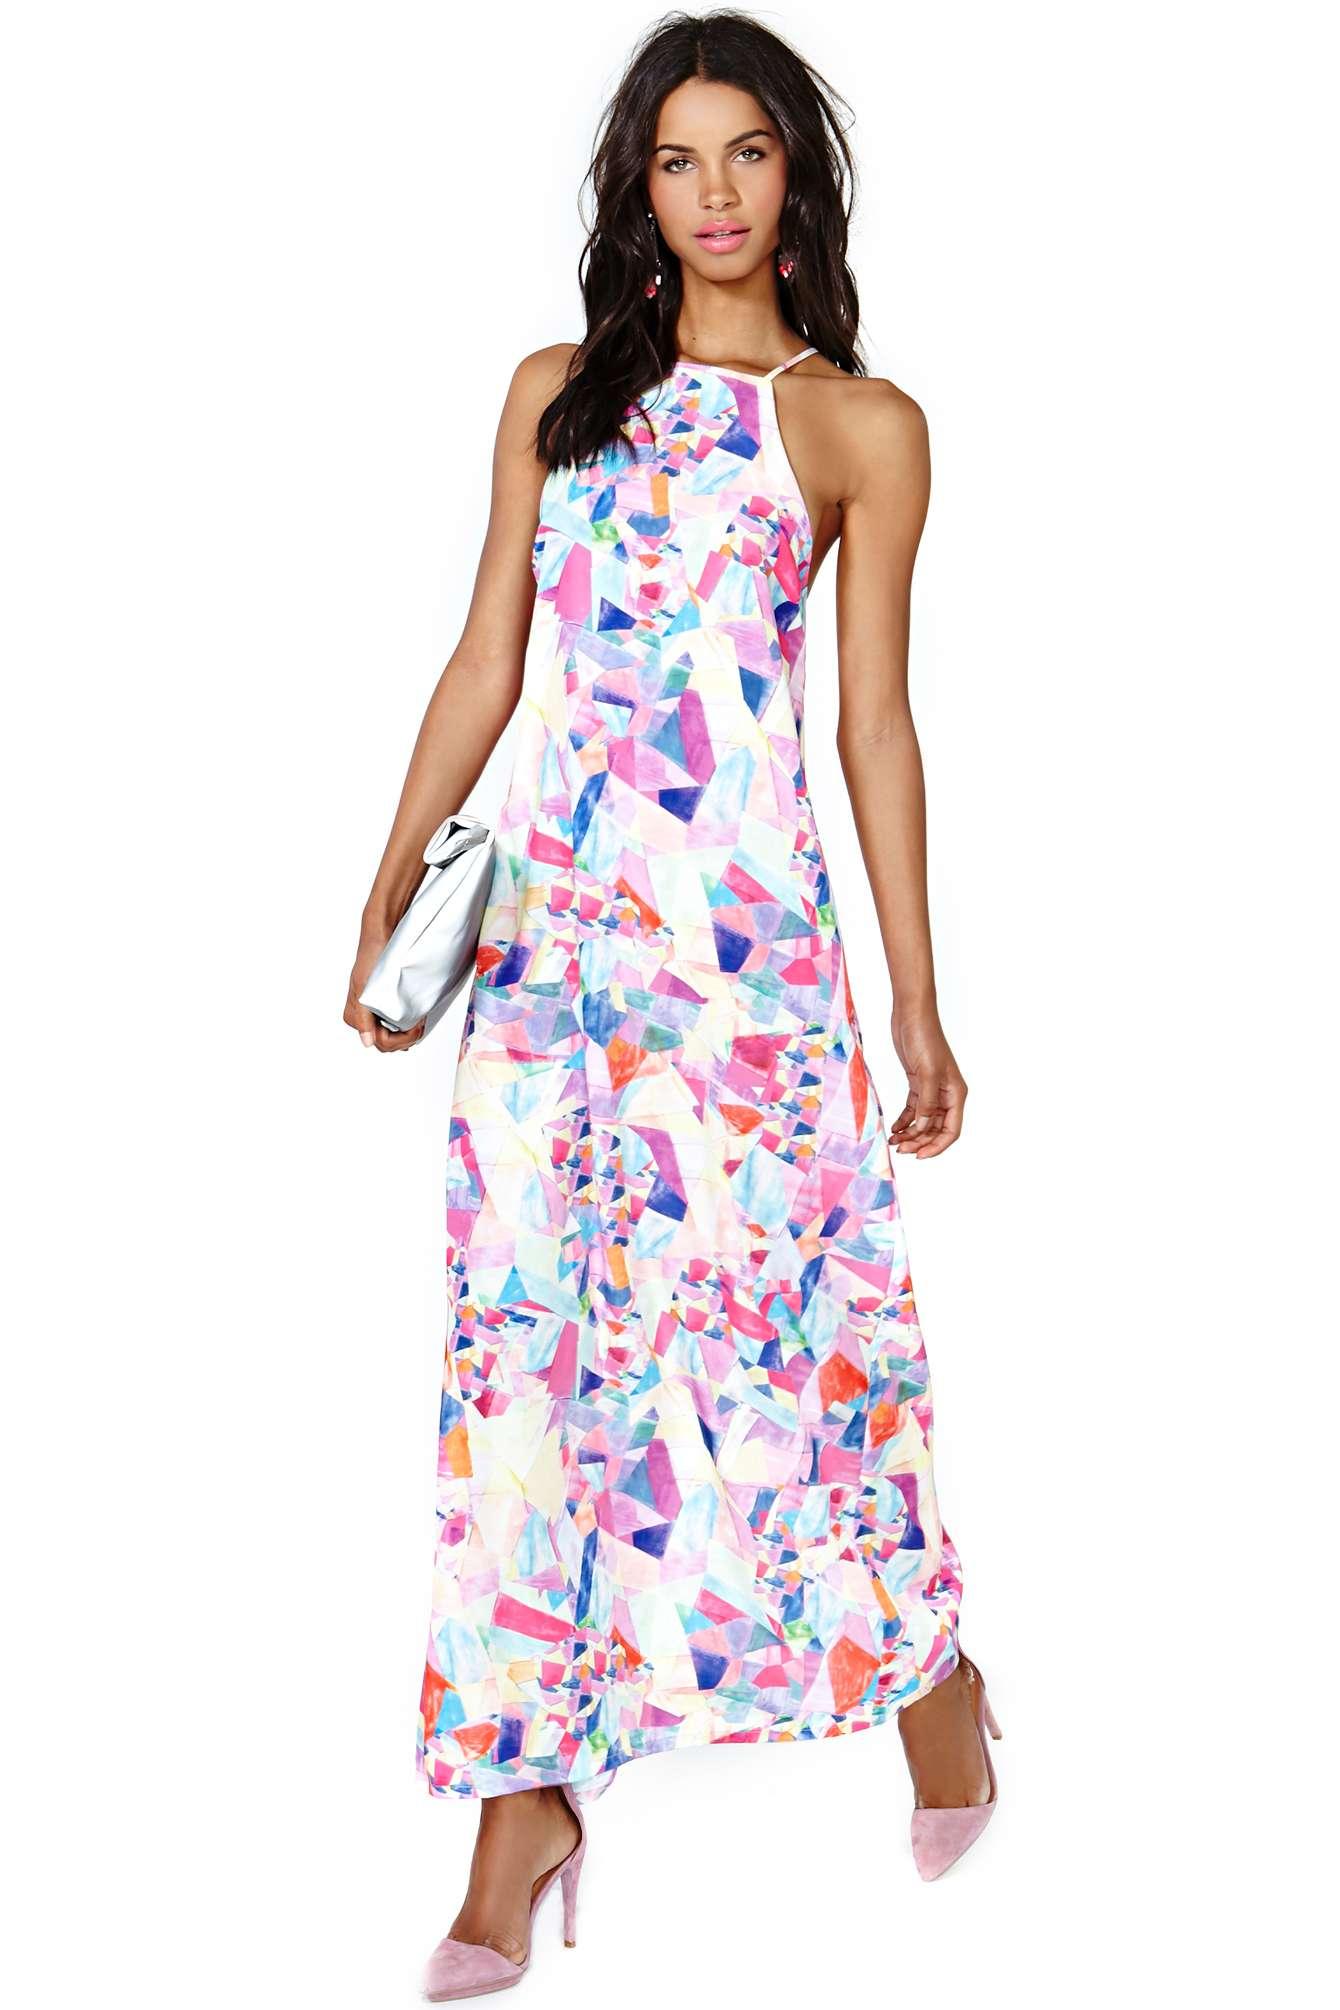 Nasty Gal Maxi Dress ($88)